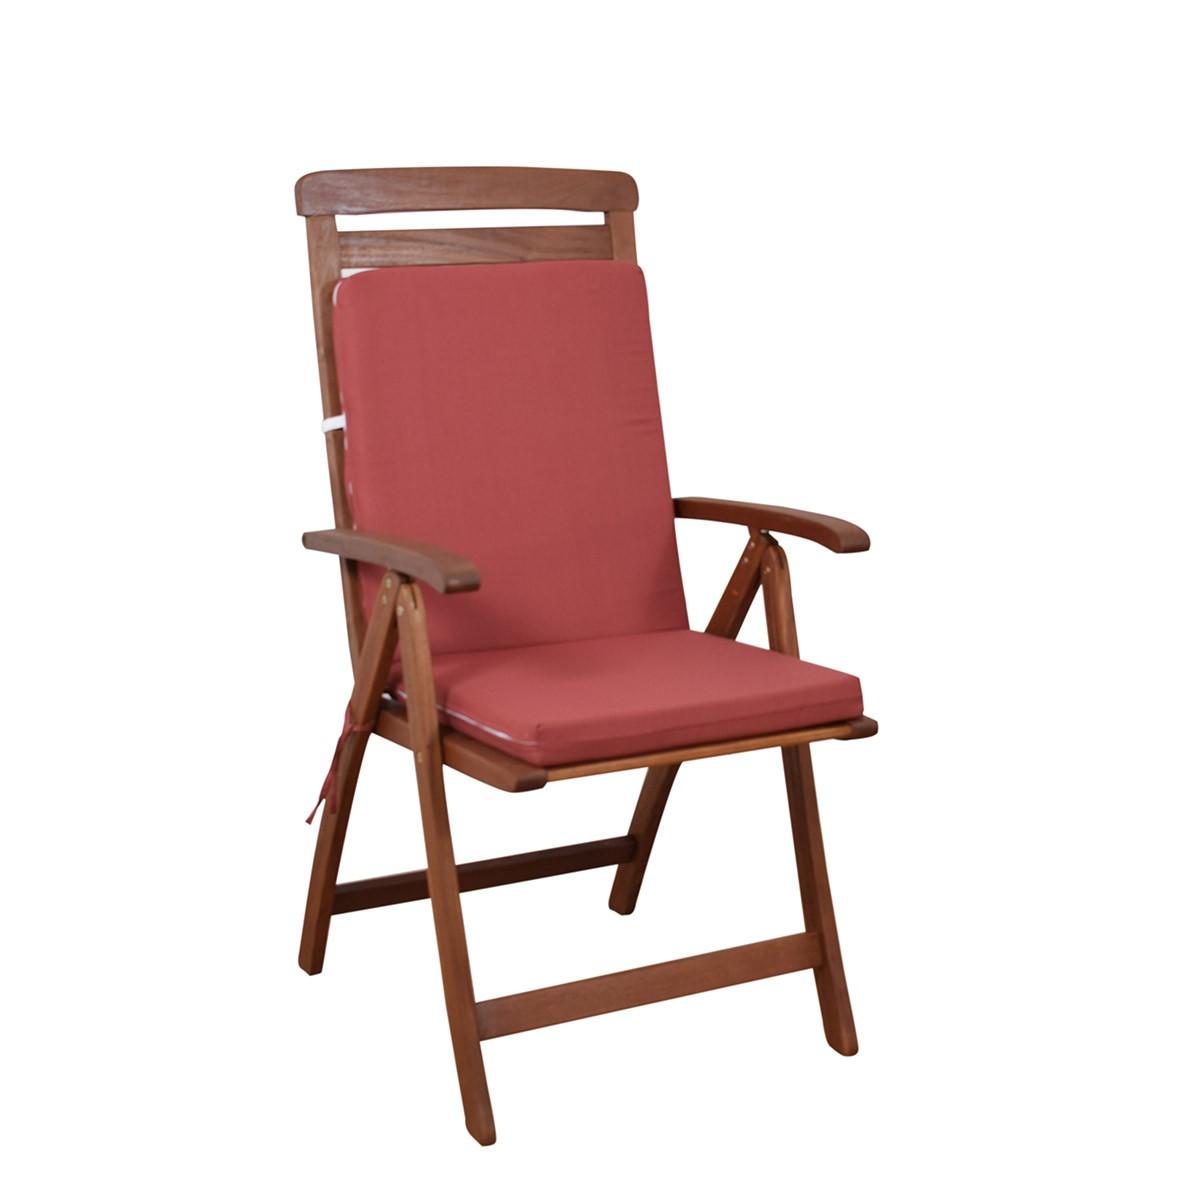 Μαξιλάρι Καρέκλας Πλάτη/Φερμουάρ Fratoni Solid Terracota 74796